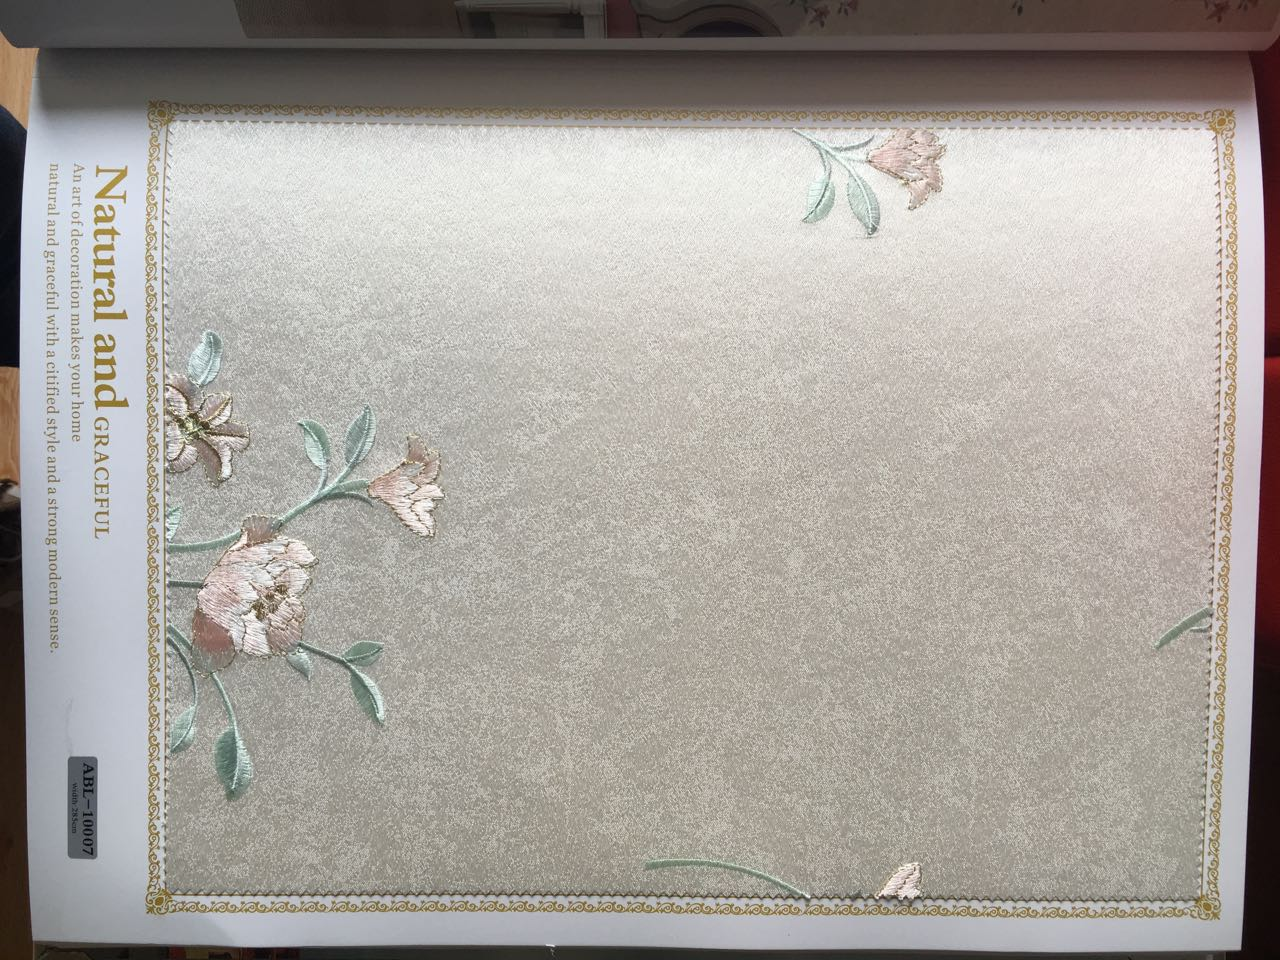 来自霍浩然发布的供应信息:刺绣新品,高端品质,冰点价格,... - 壁家美伯爵恒高装饰材料有限公司